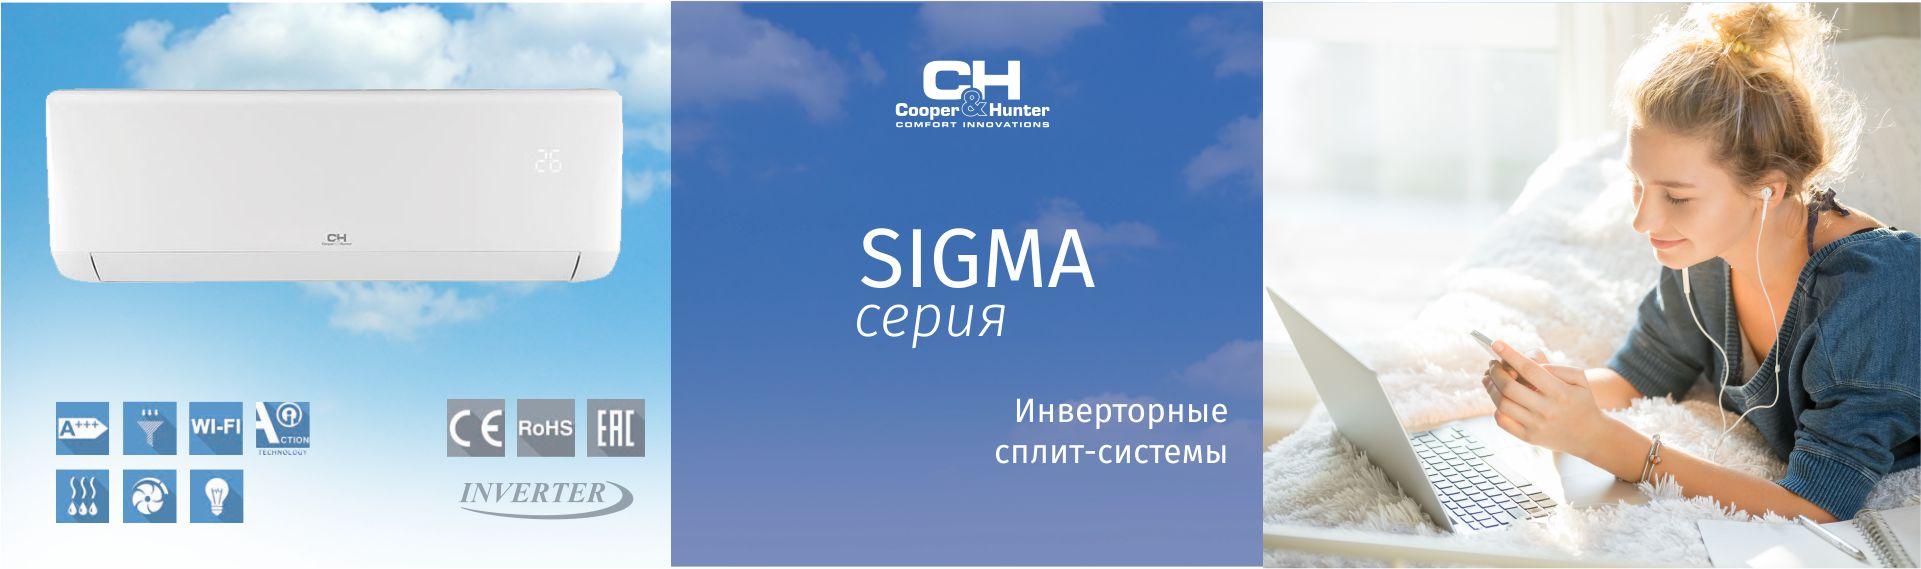 Серия Sigma